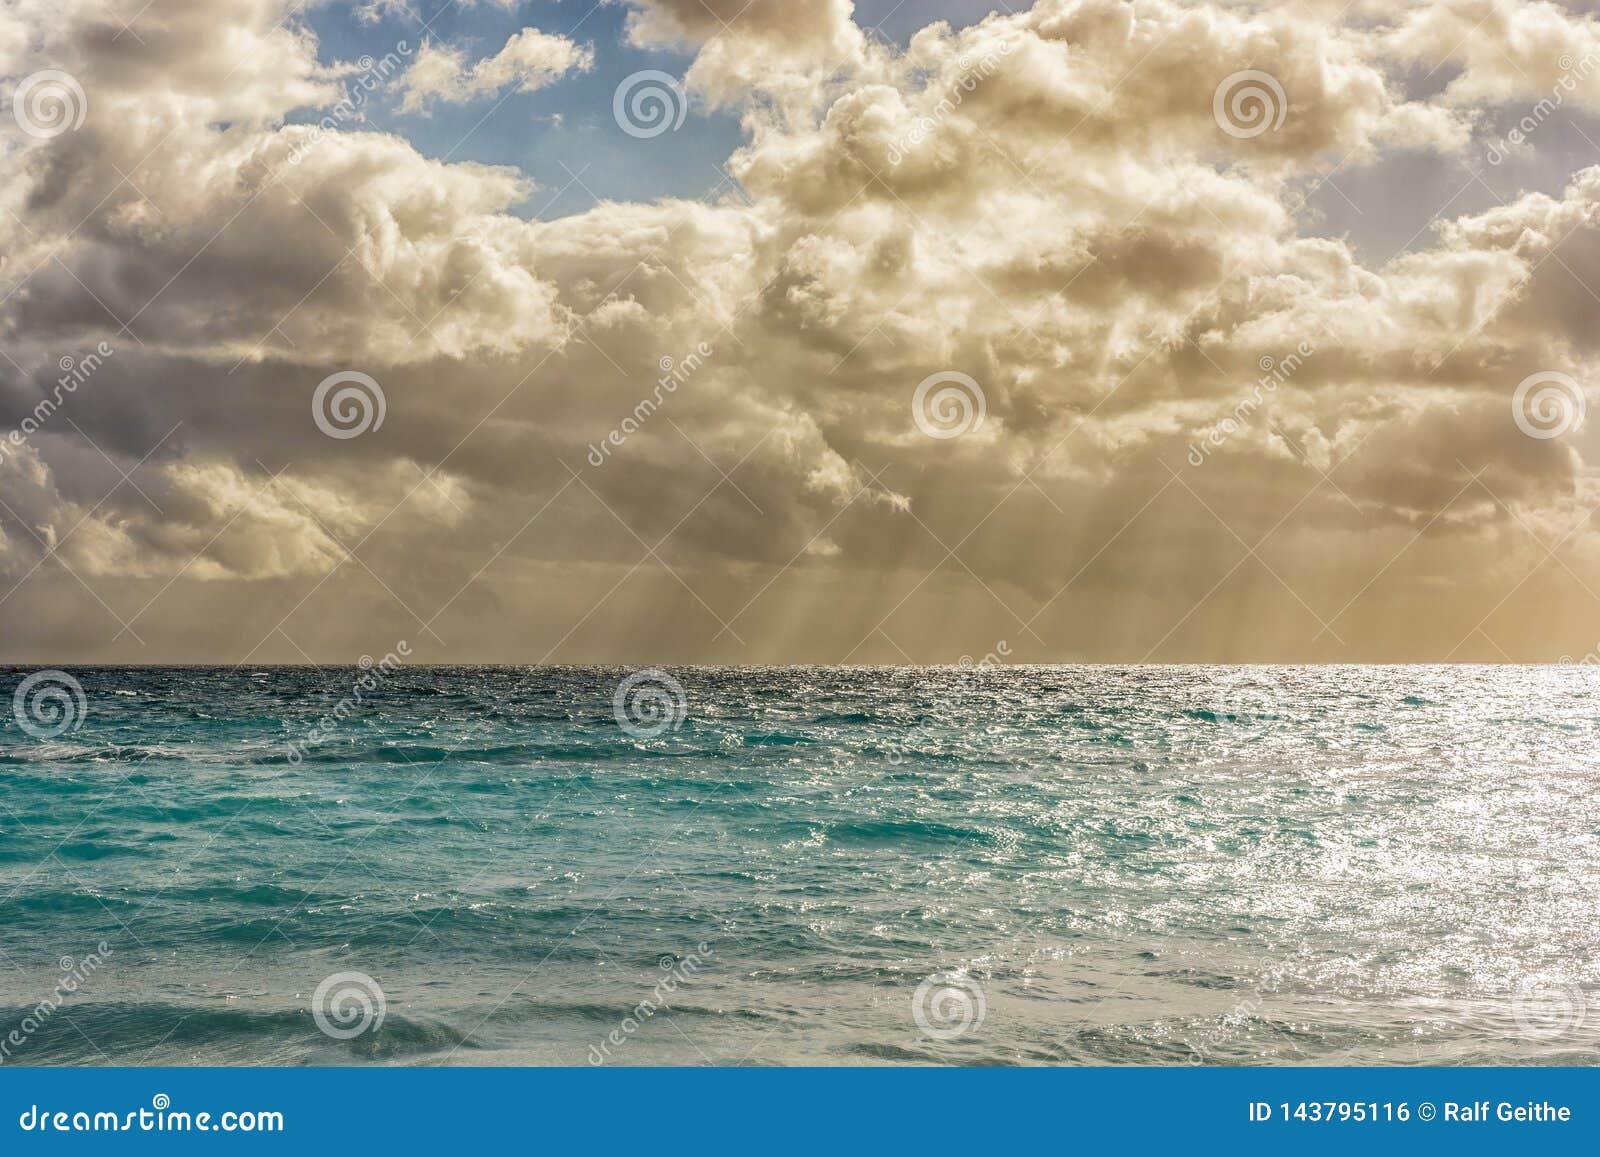 Mer douce avec de petites vagues et un beau ciel nuageux avec des rayons de soleil